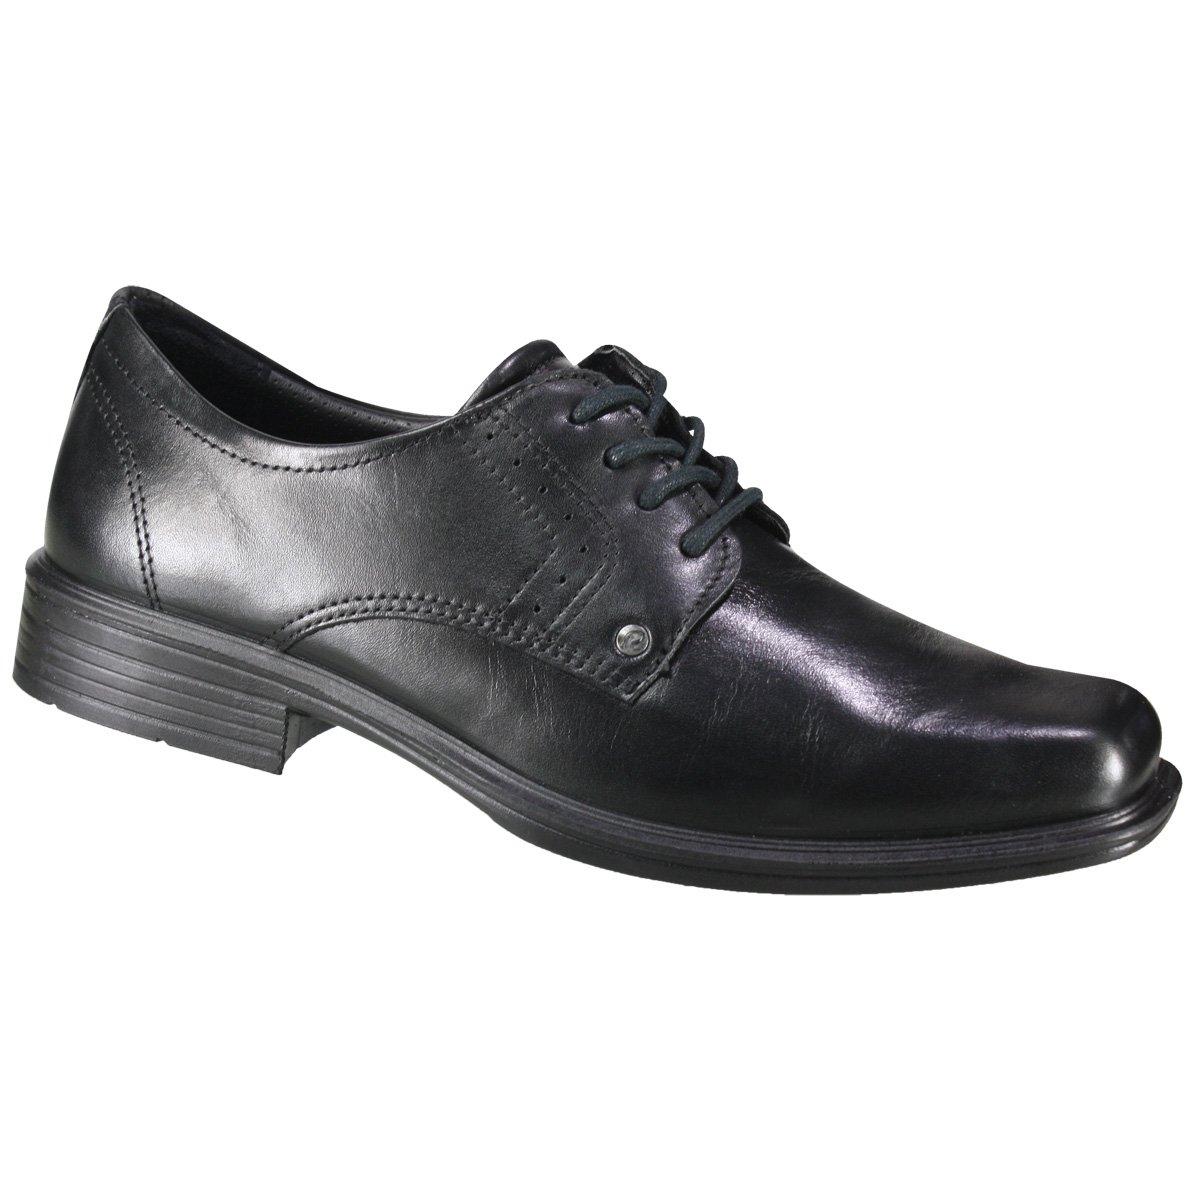 f4b8e6a39 Sapato Masculino Pegada 124702-01 - Preto (Anilina) - Botas Online ...